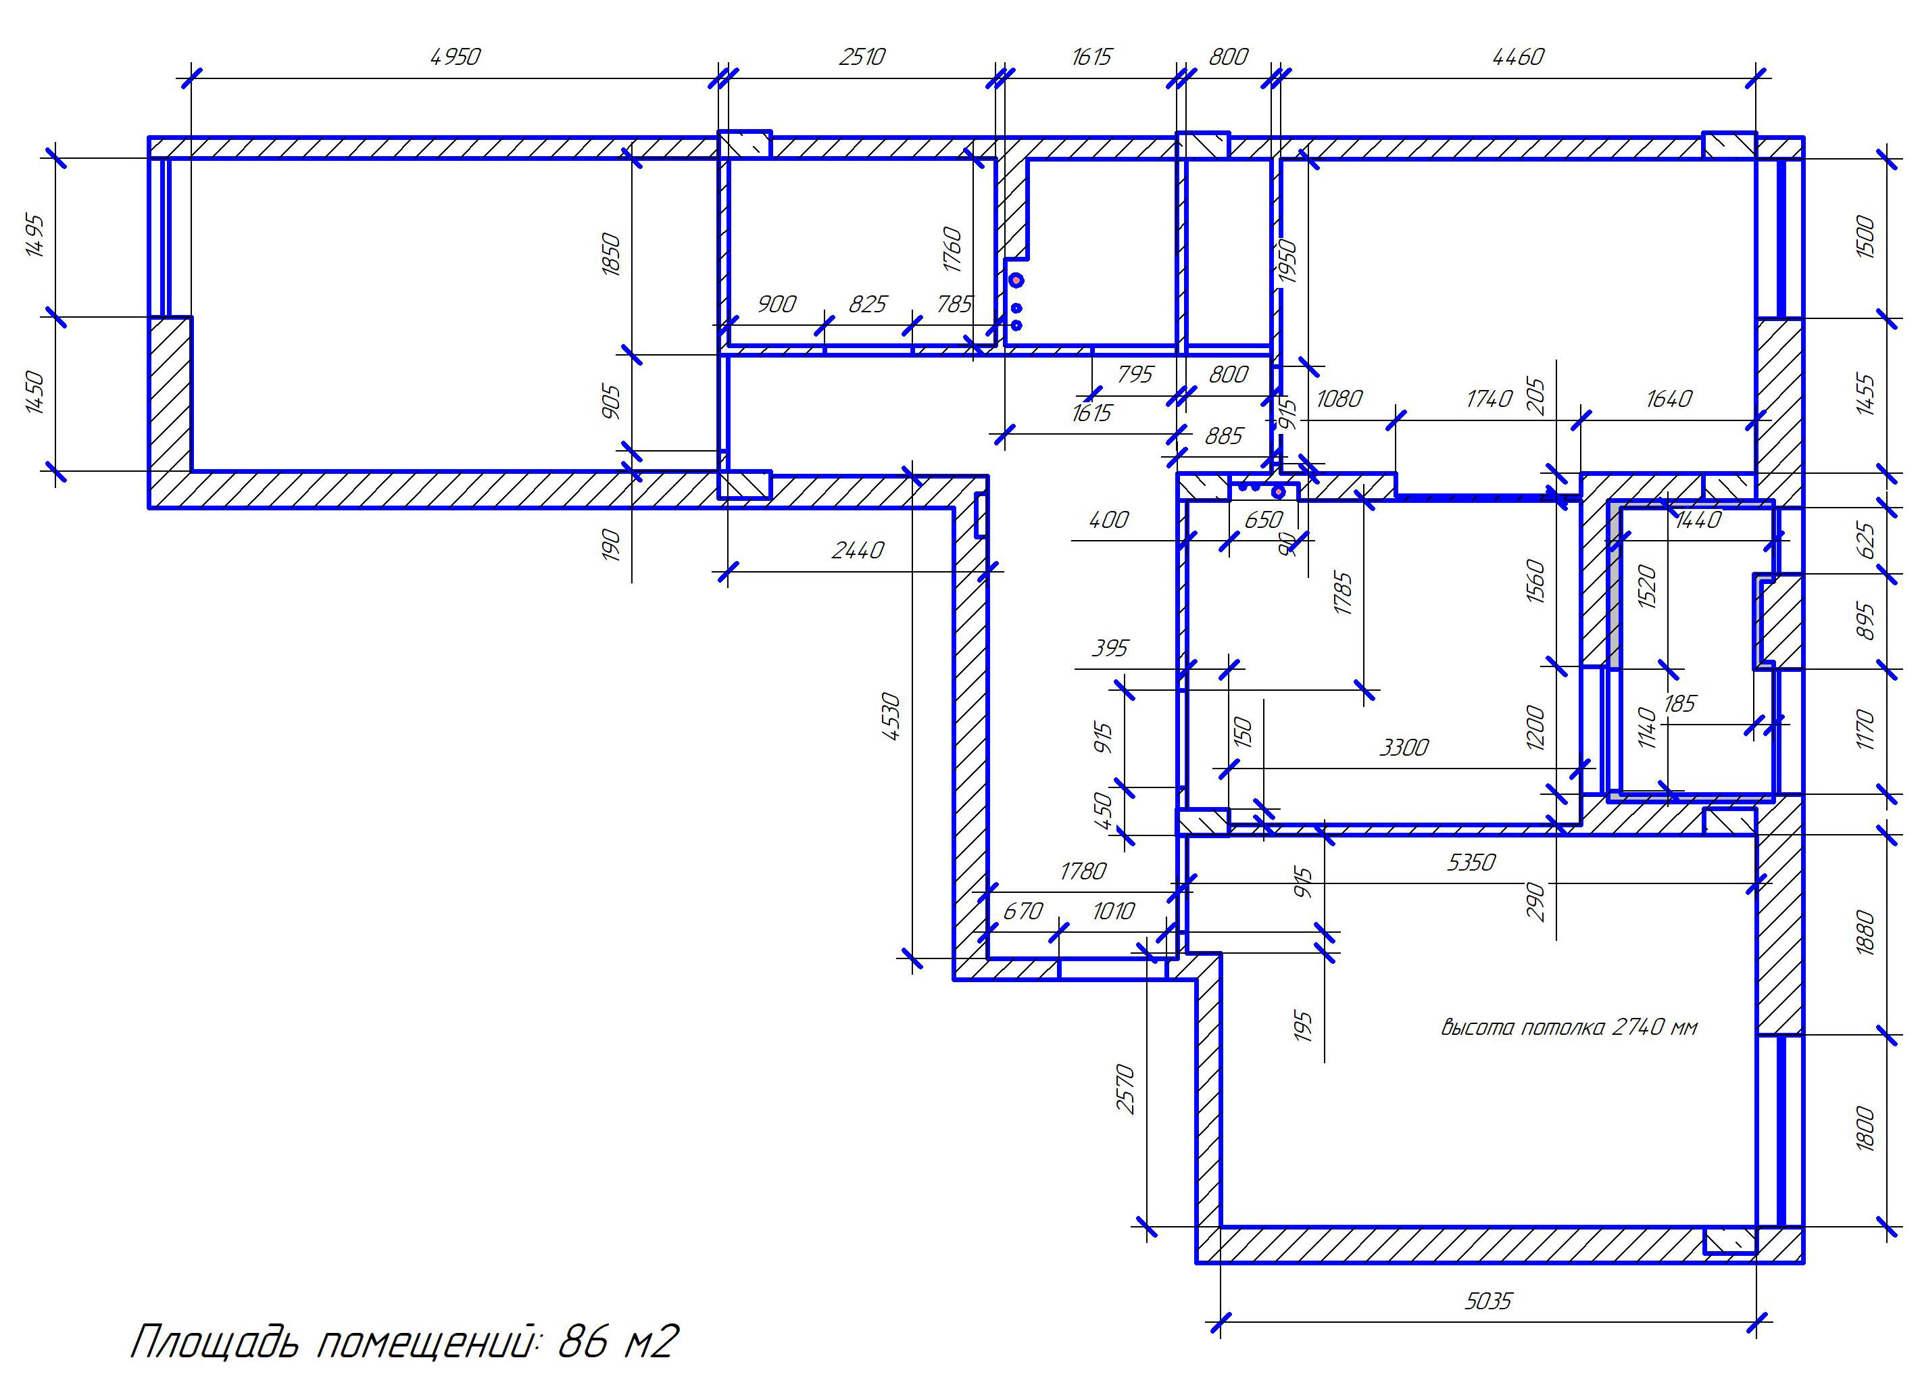 дизайн интерьера квартиры Киев Комфорт Таун обмерный план квартиры, план замеры, чертеж